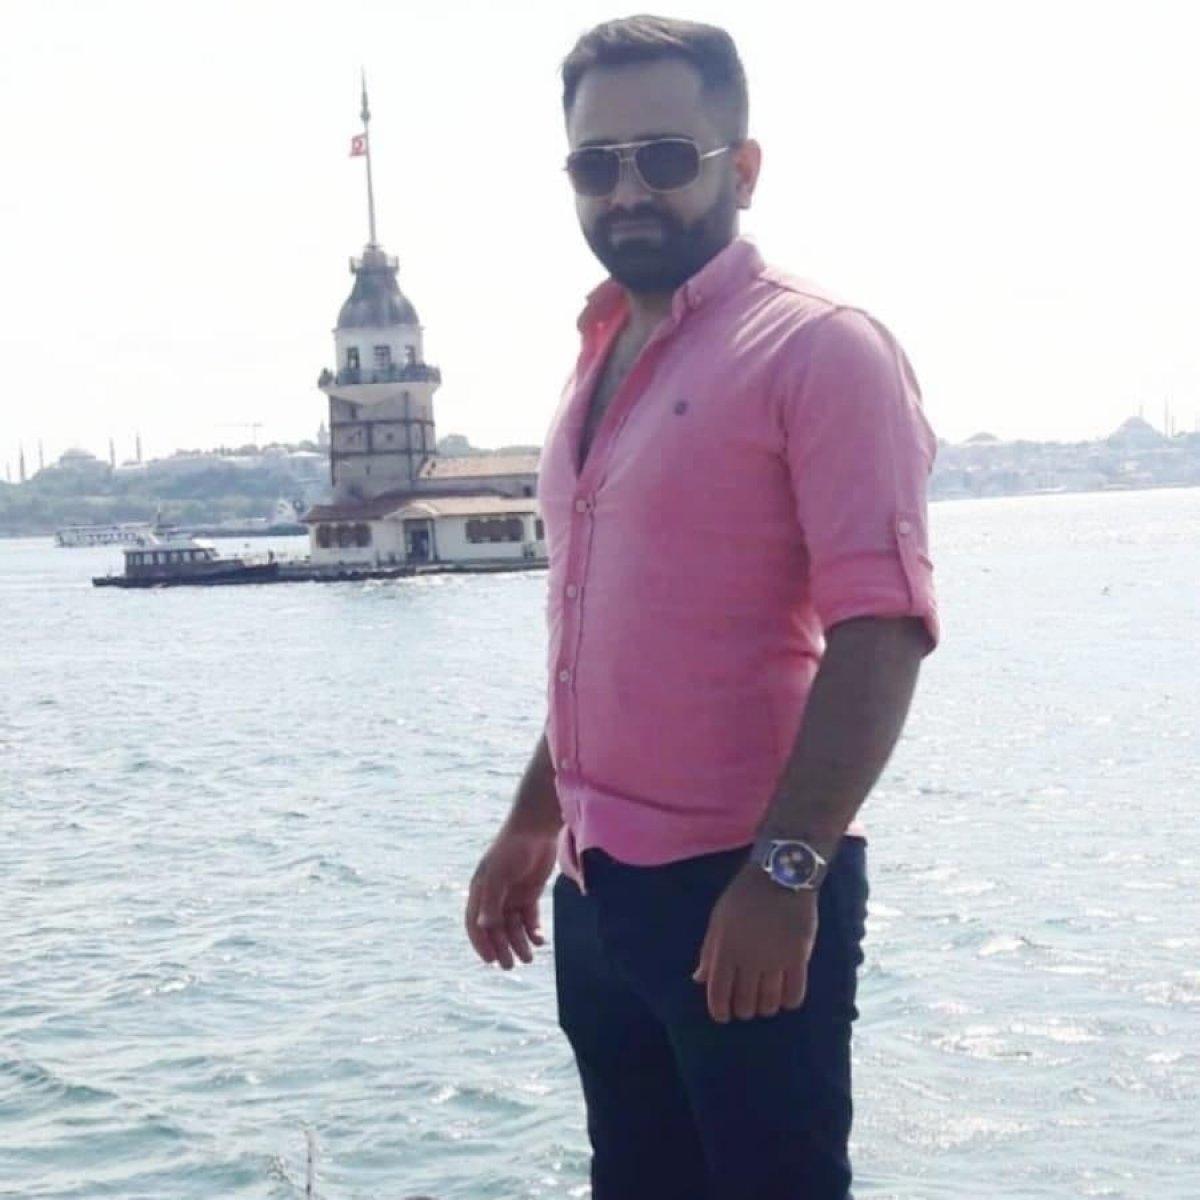 Arnavutköy'de 26 yaşındaki gence silahlı saldırı #3